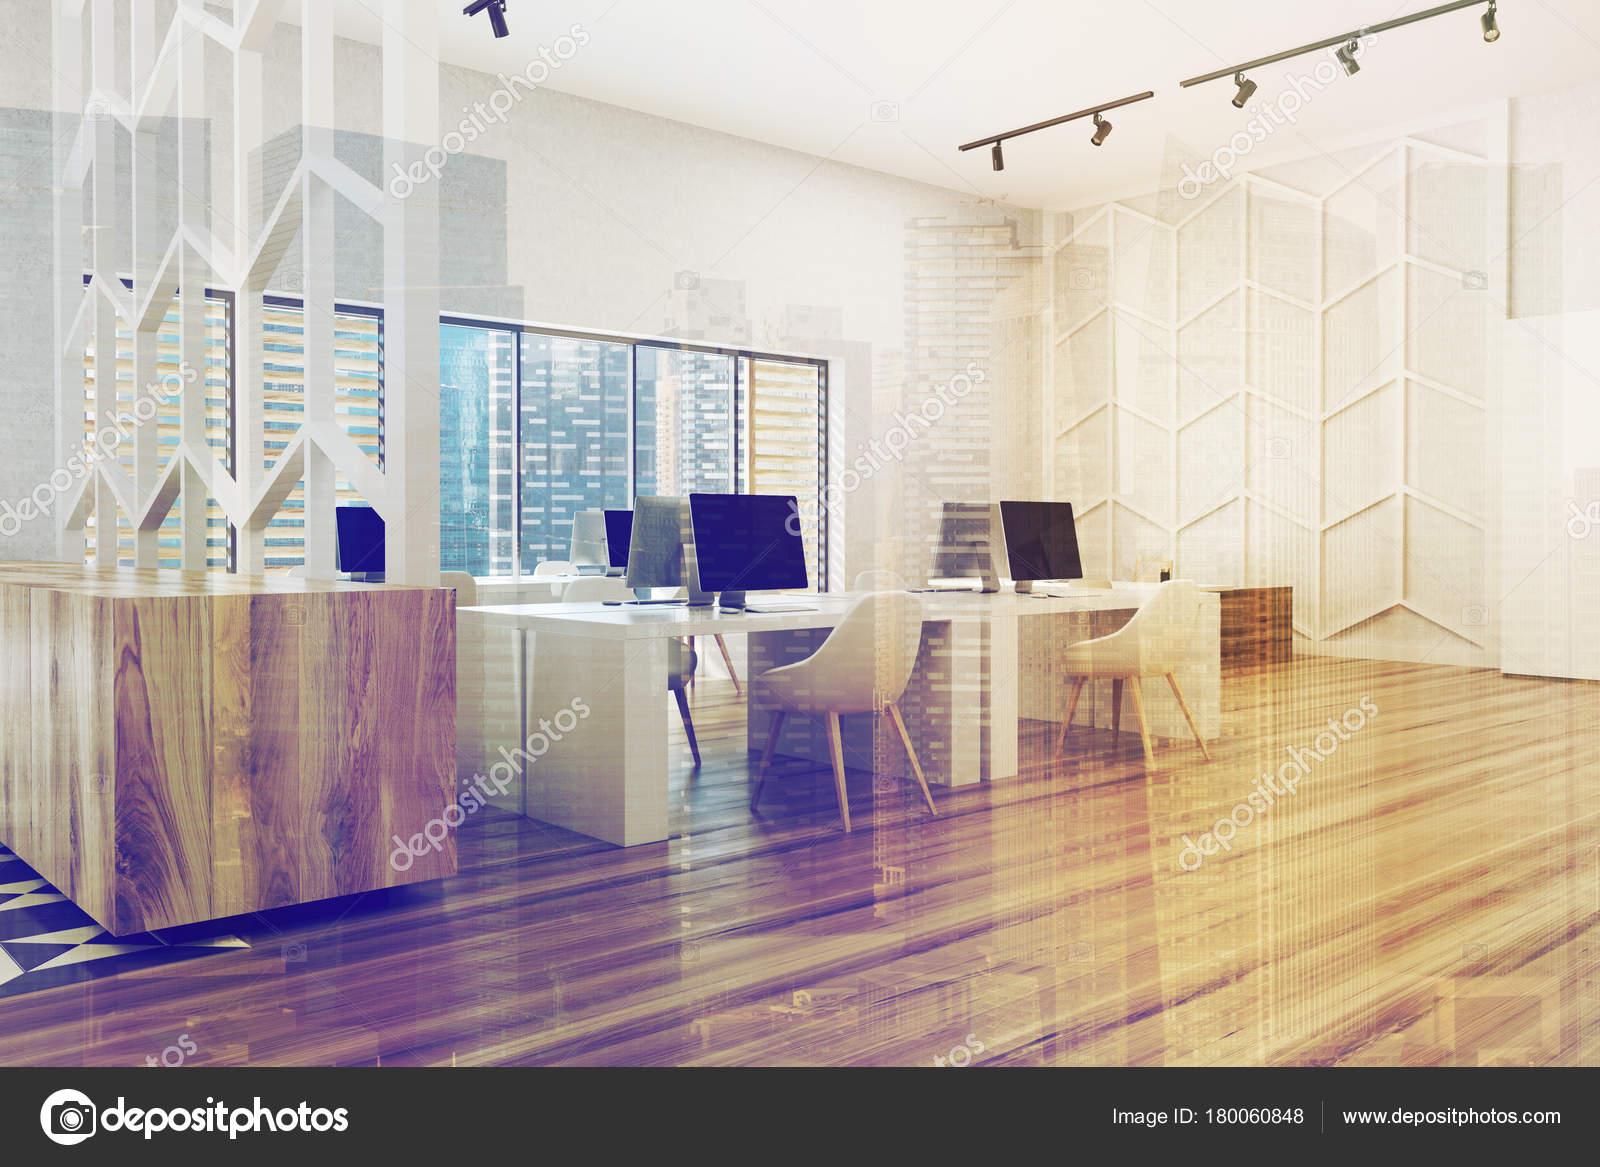 Holzboden Büro Ecke Mit Weißen Wänden, Panoramafenster, Weißen Und  Hölzernen Computertische Und Eine Gemusterte Wand. 3D Rendering Mock Up  Getönten Bild ...